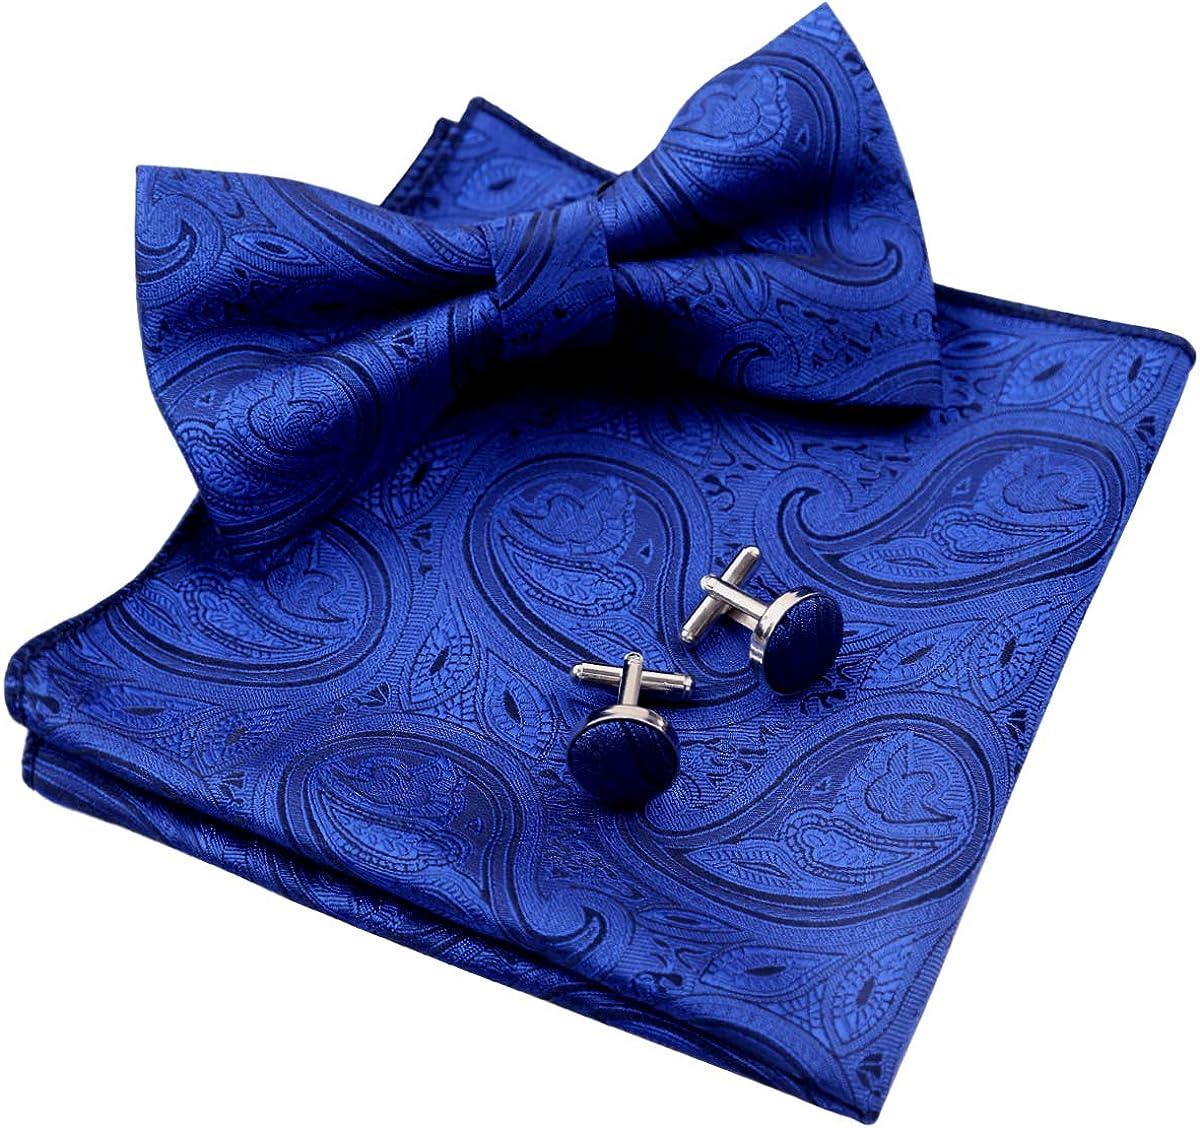 Alizeal Liso Paisley-Pajarita, Pañuelo y Gemelos para Hombre, Azul ...